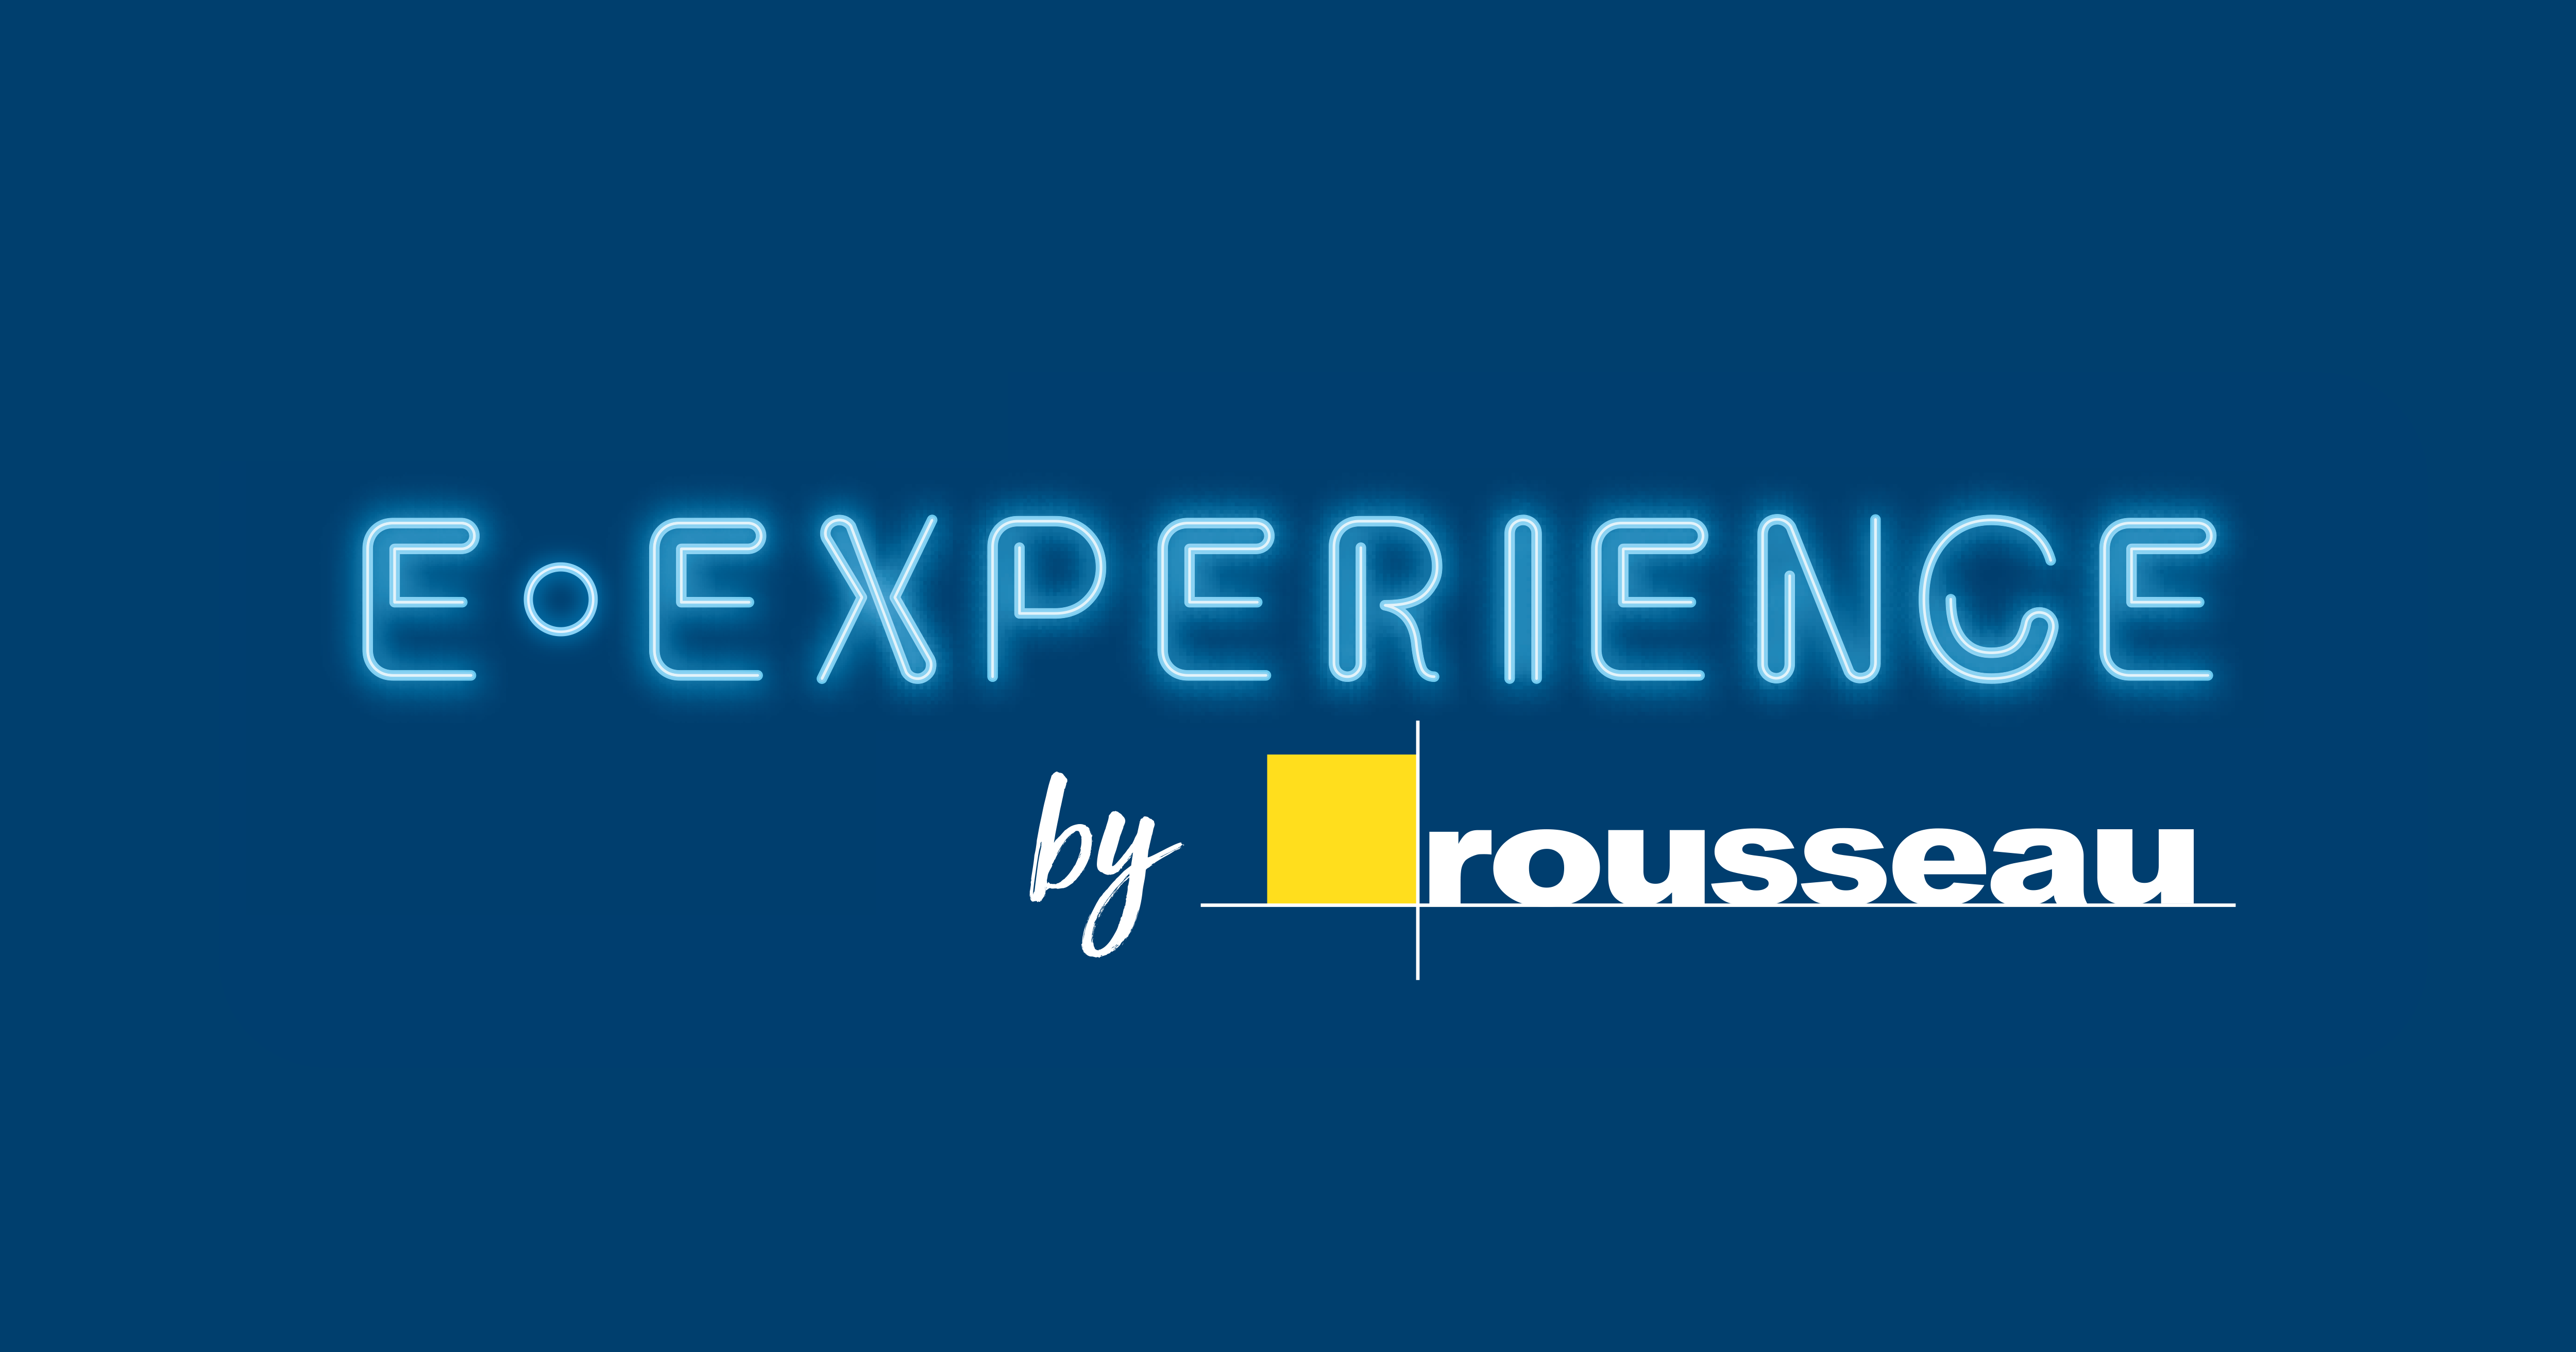 eexperienceby-rousseau